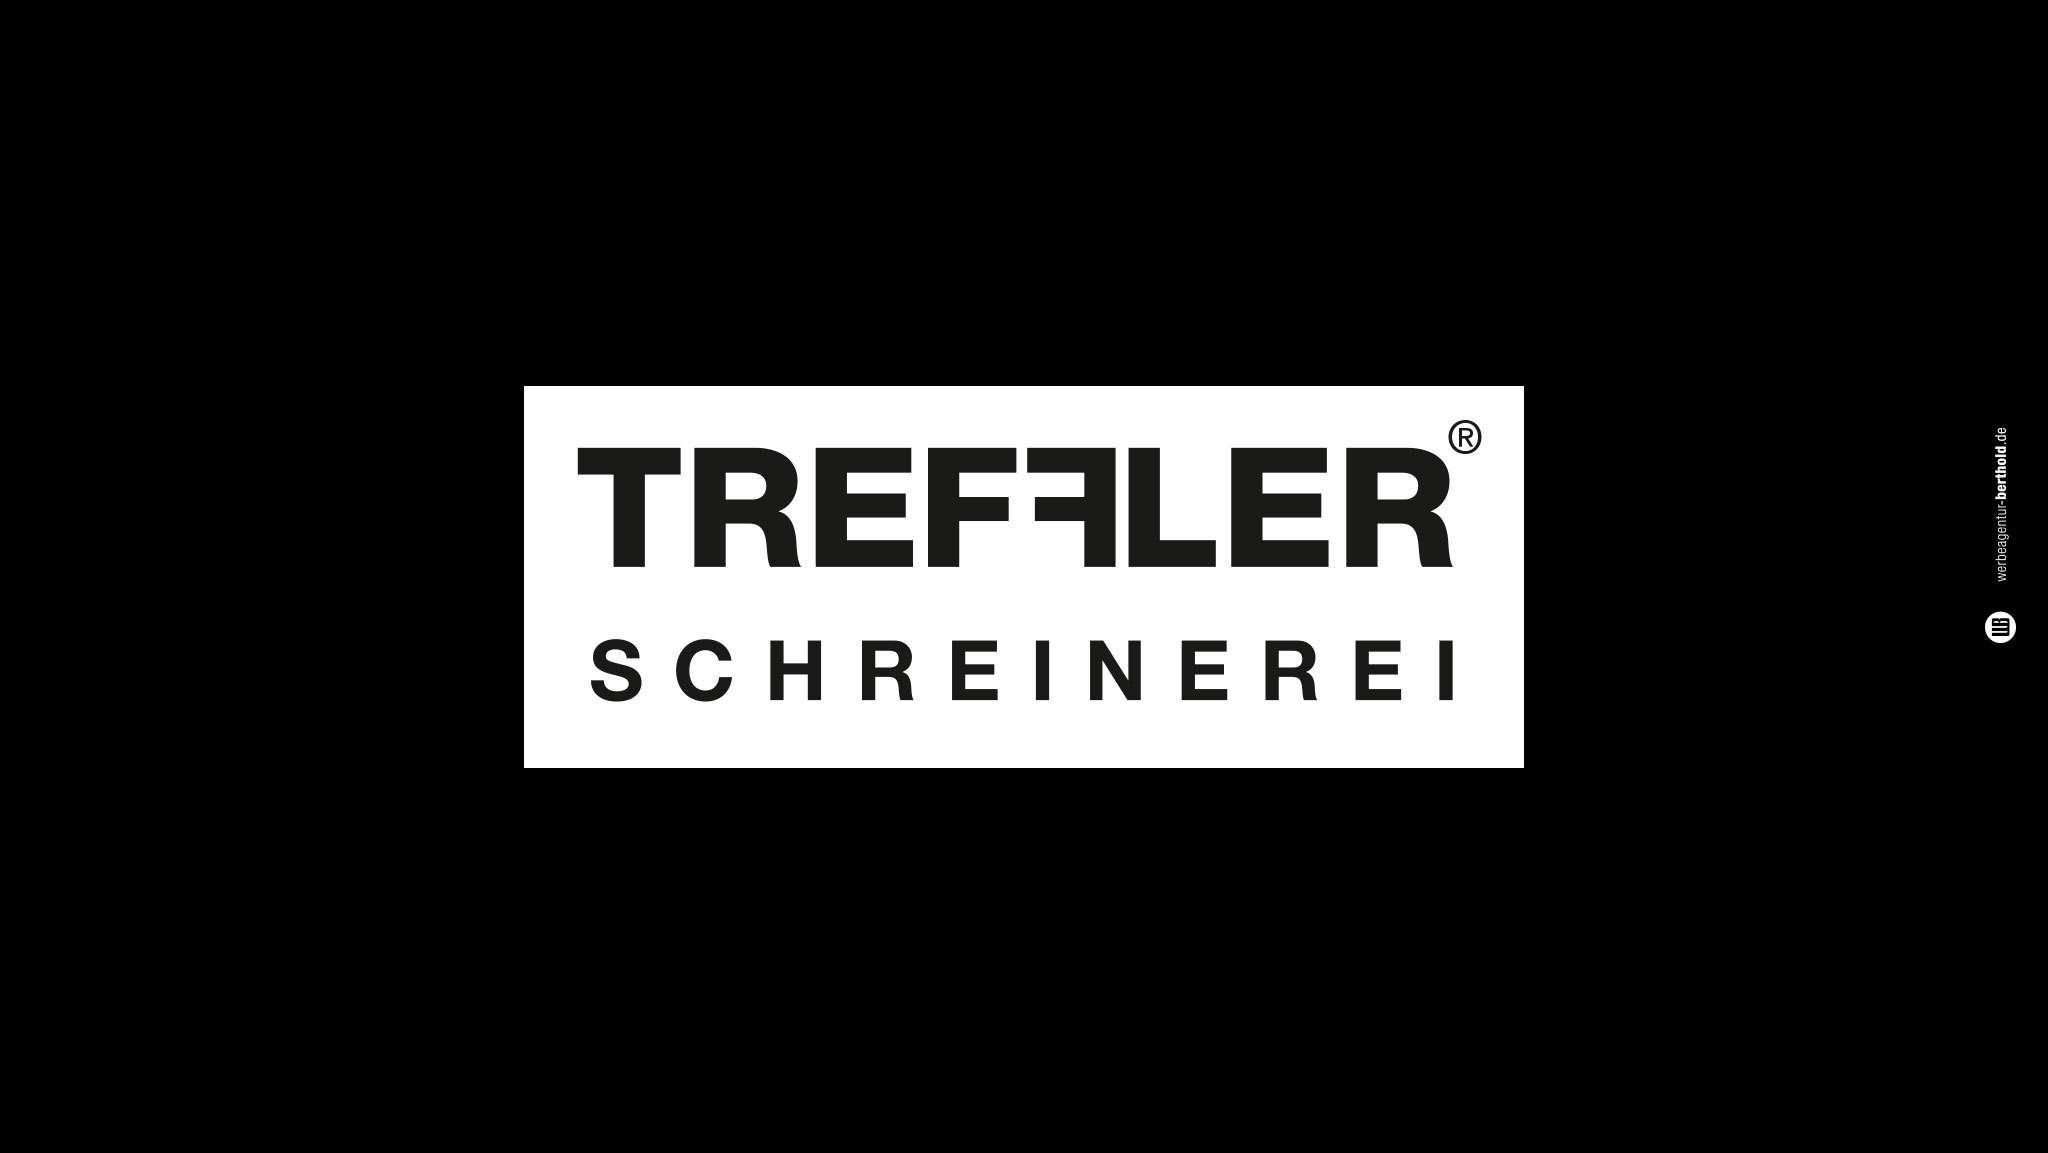 Treffler Schreinerei, Logoentwicklung